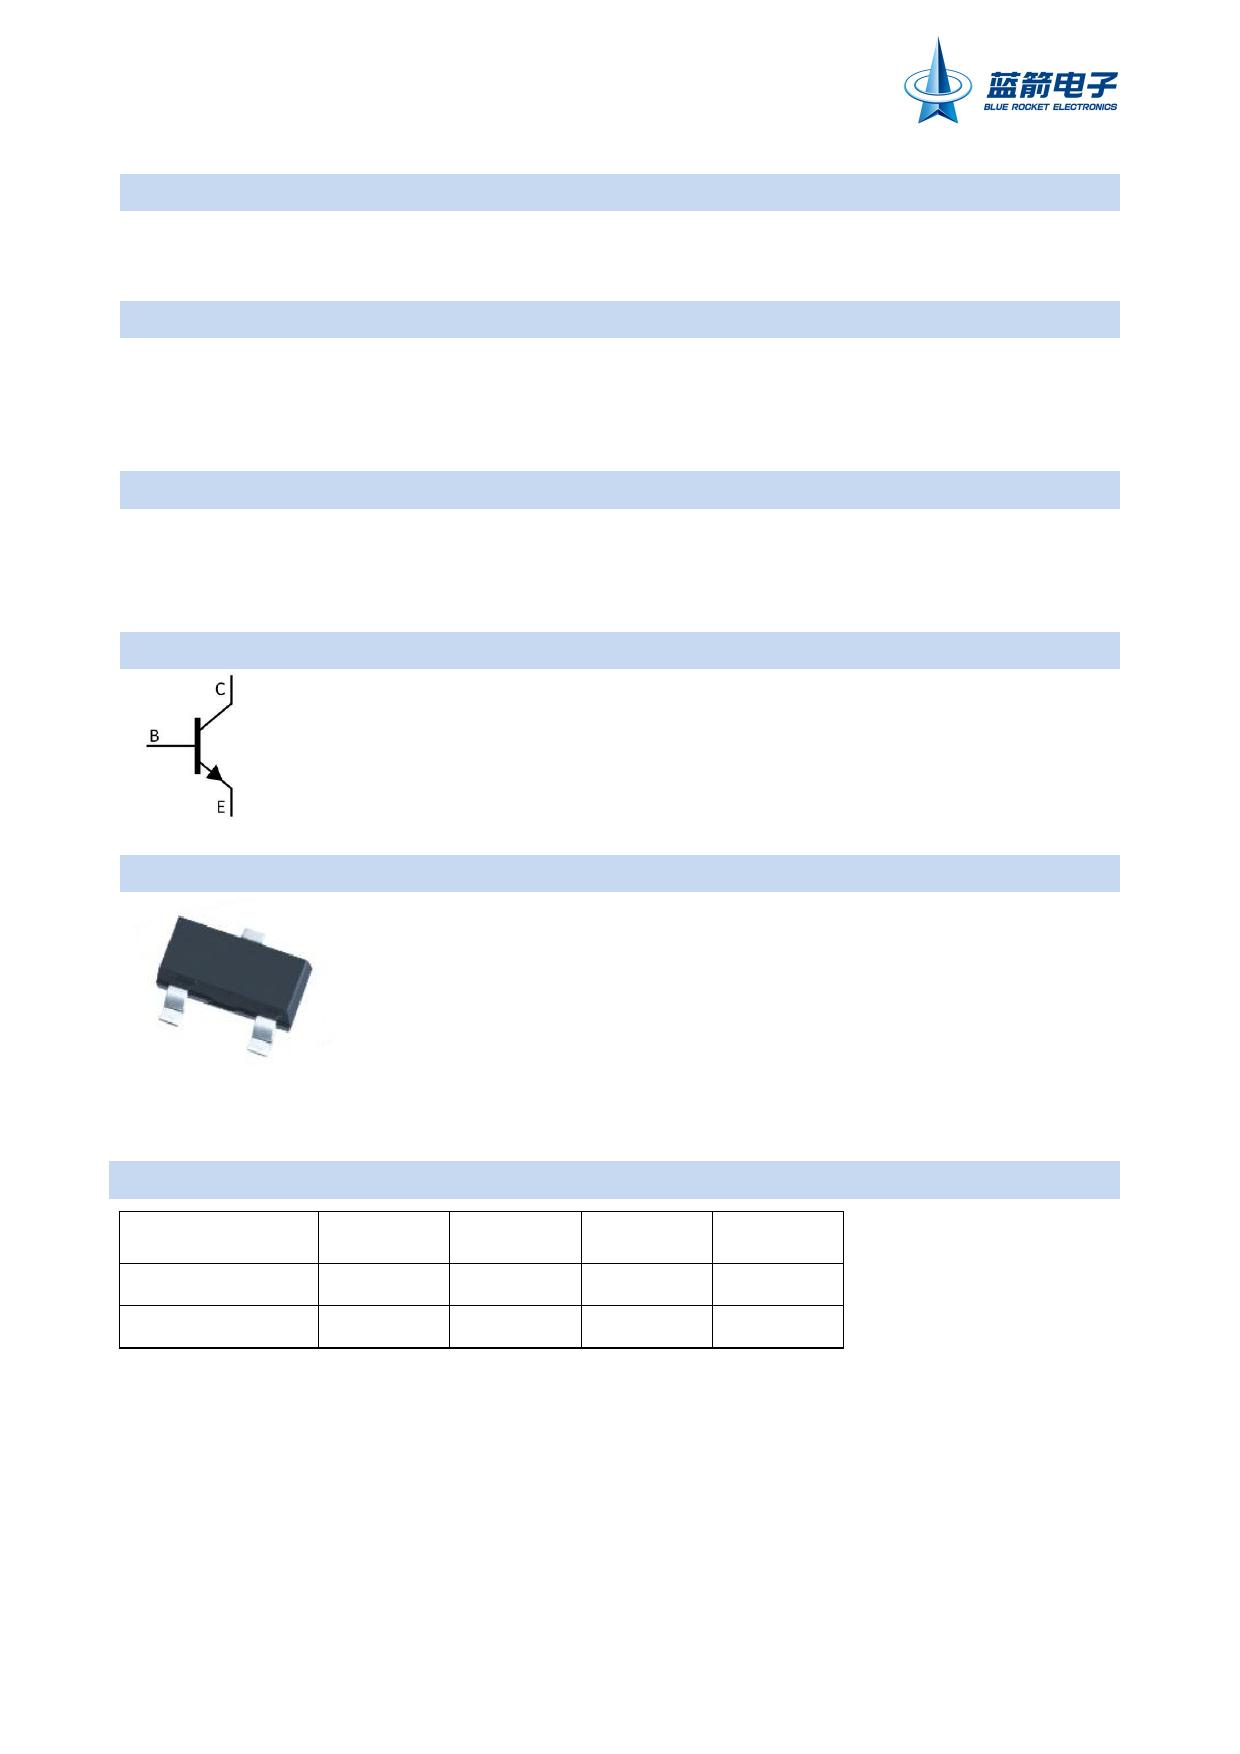 9014M datasheet